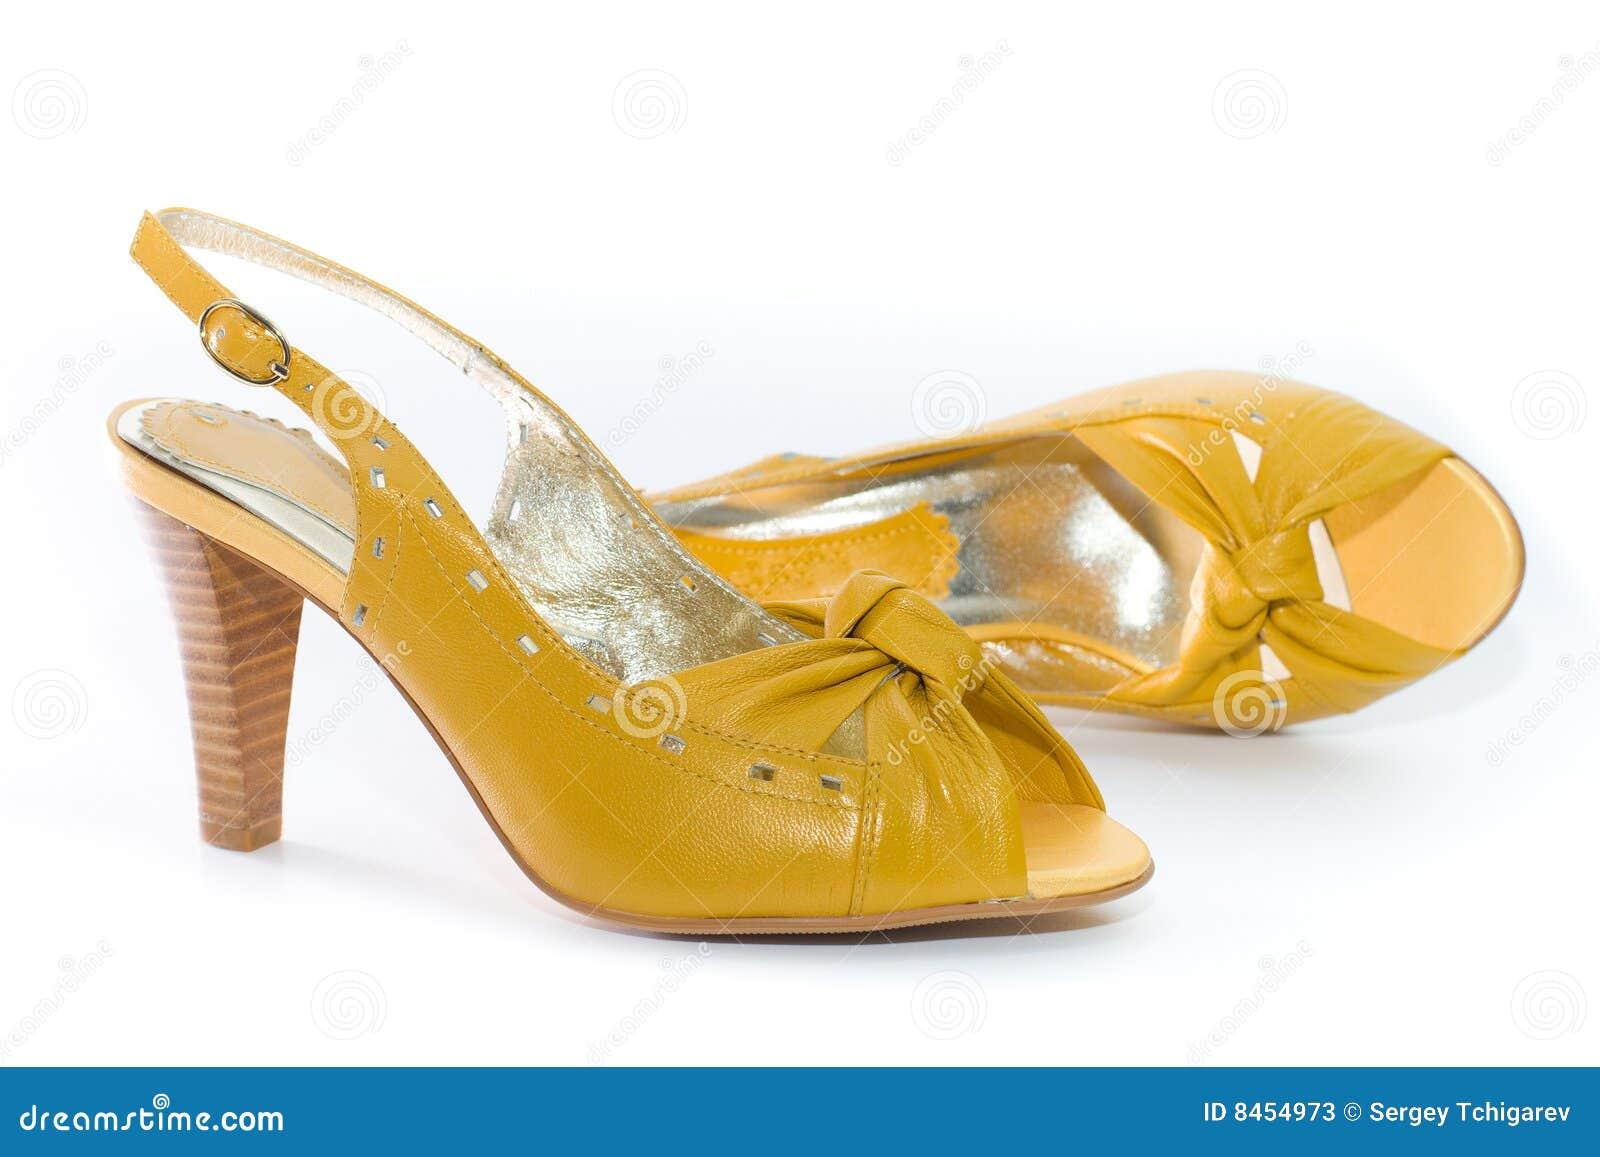 Zapatos de la señora amarilla.